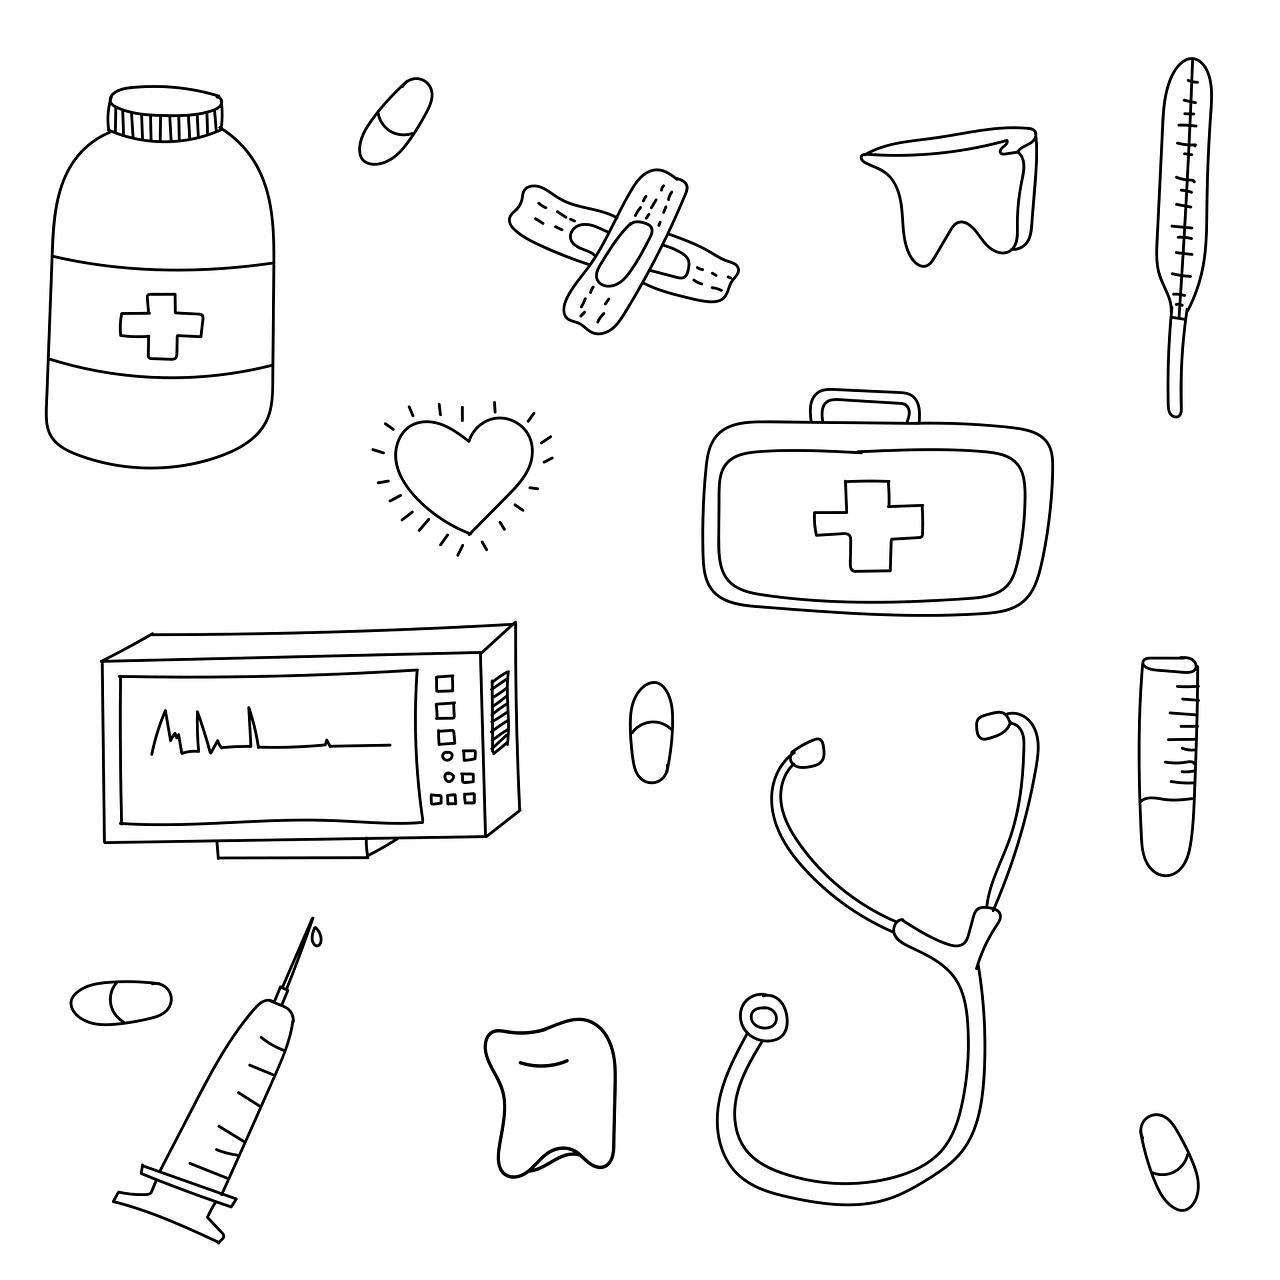 Ong Huisartspraktijk Drs I R preventief medisch onderzoek